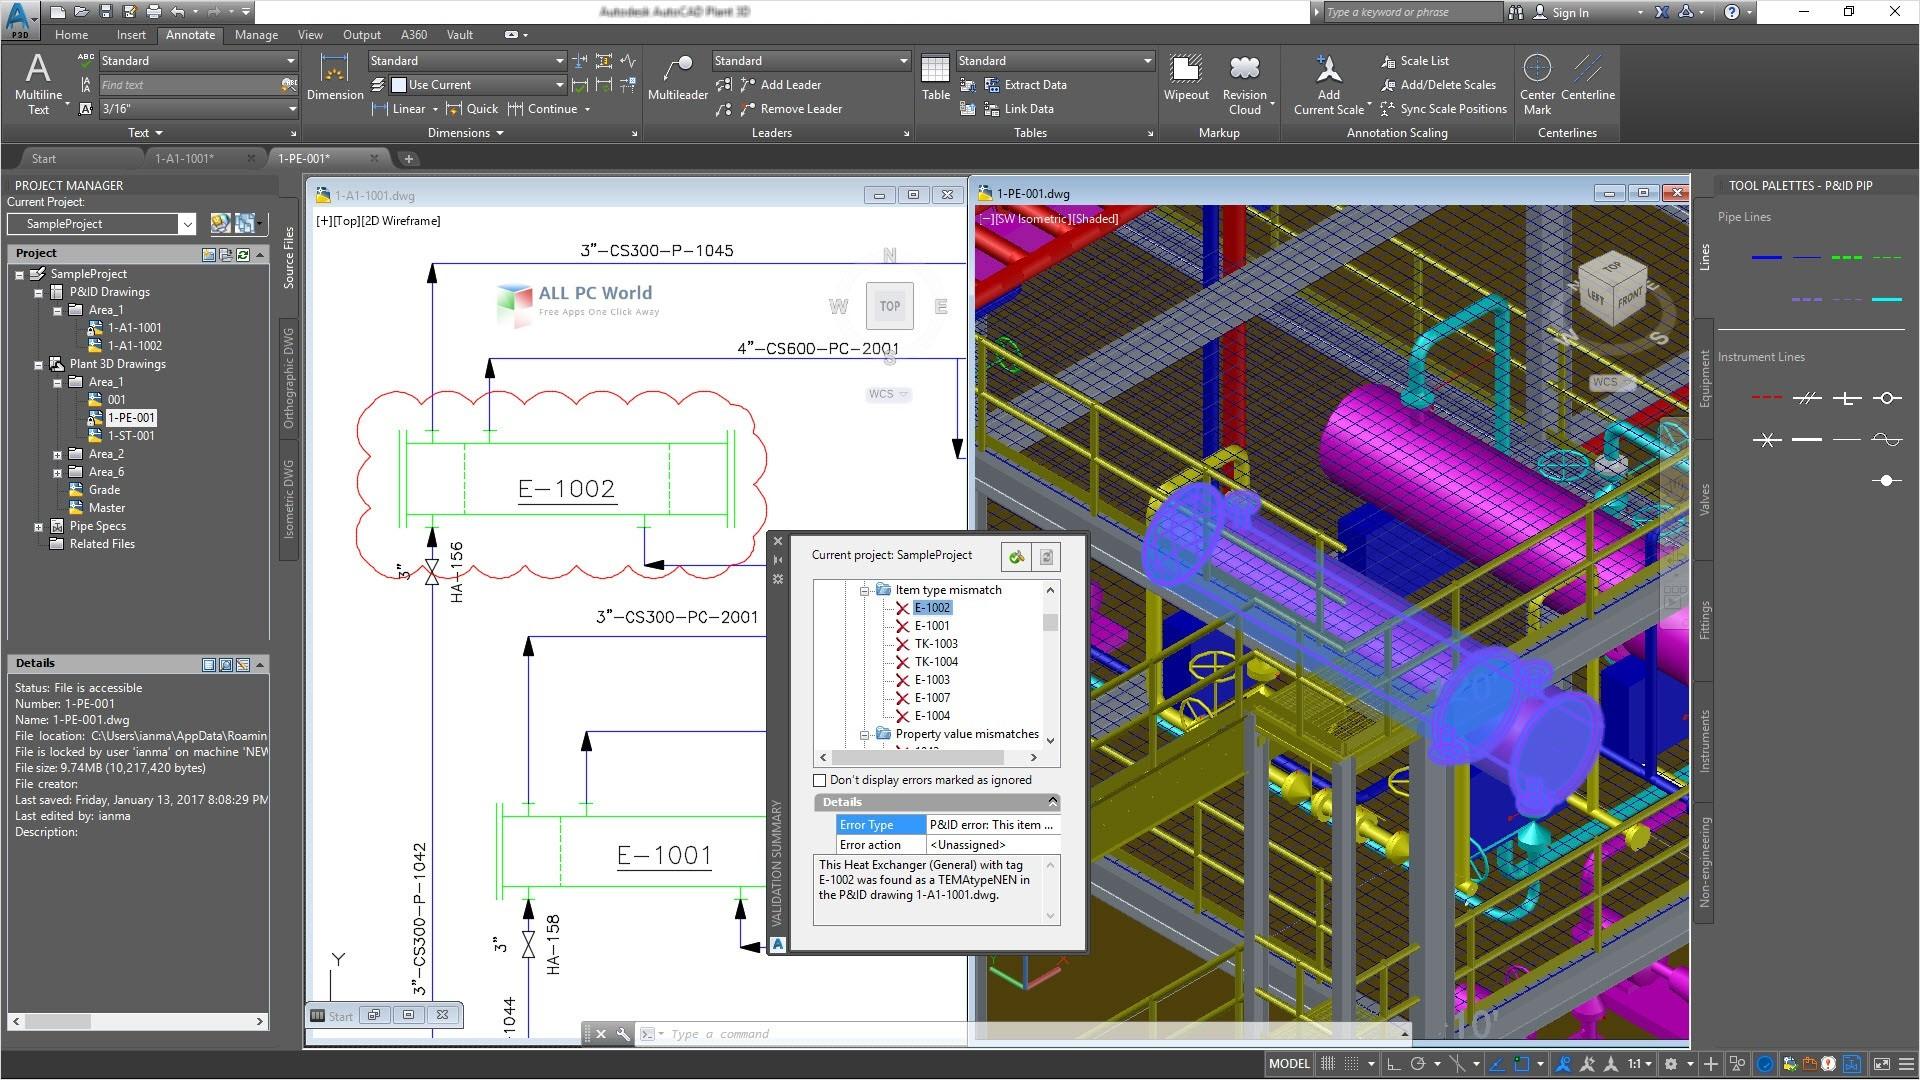 AutoCAD Plant 3D 2015 Review